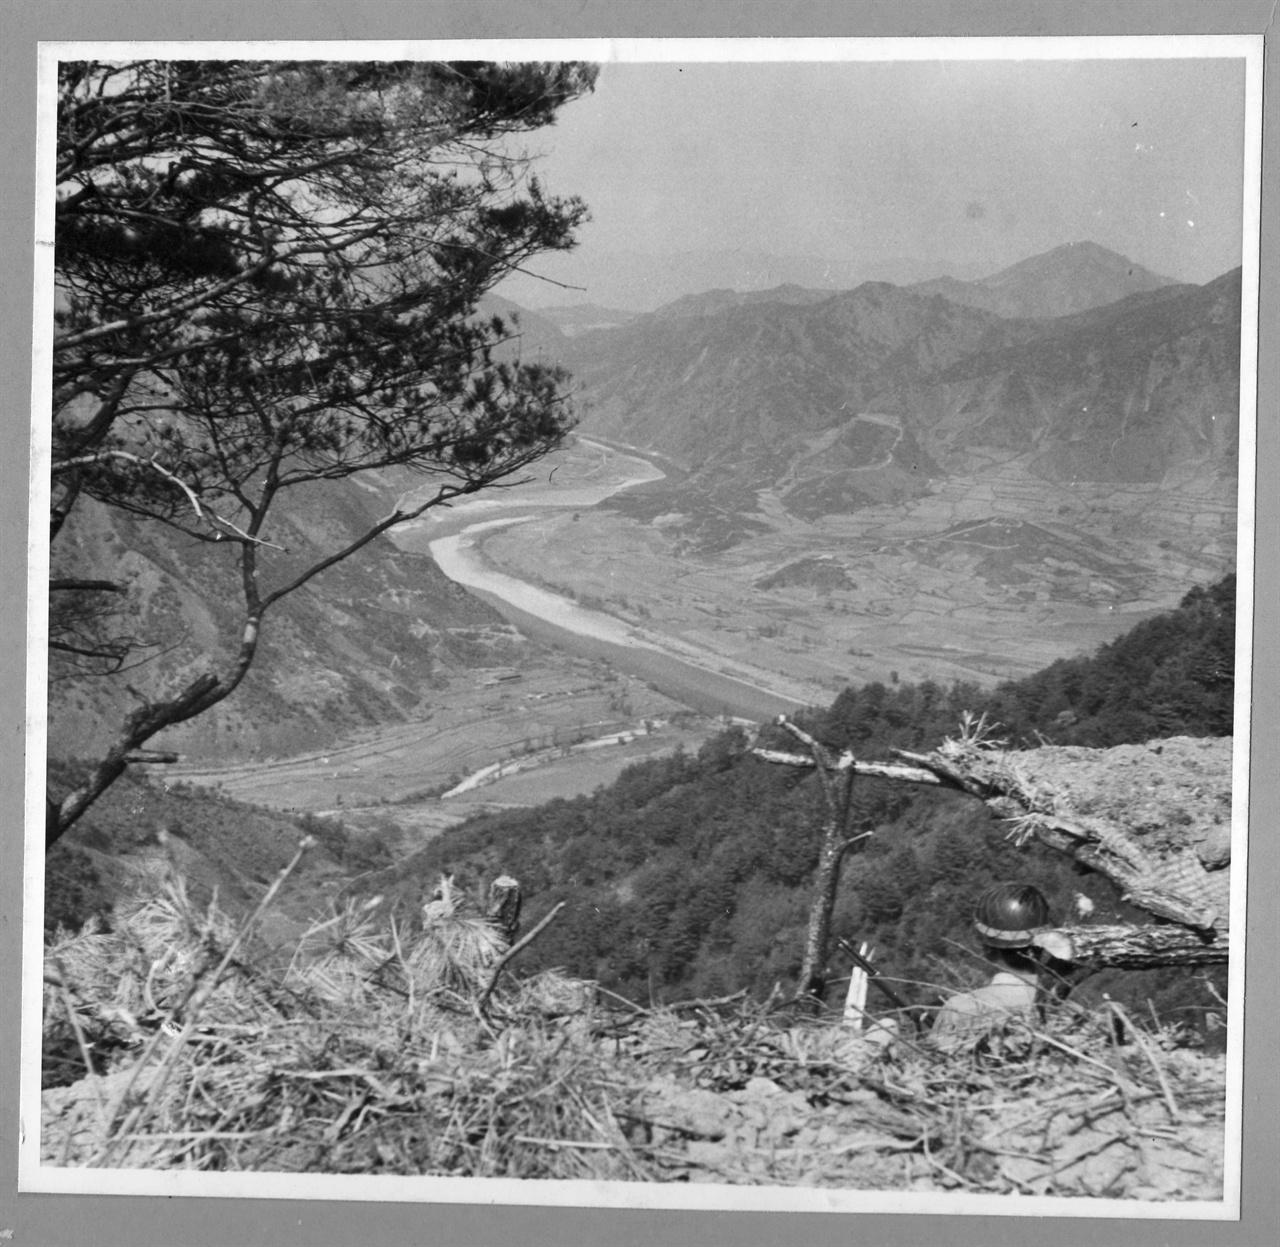 1. 한국전쟁 발발 직전. 국군이 38선 부근 초소에서 적진을 경계하고 있다(1950. 6.).